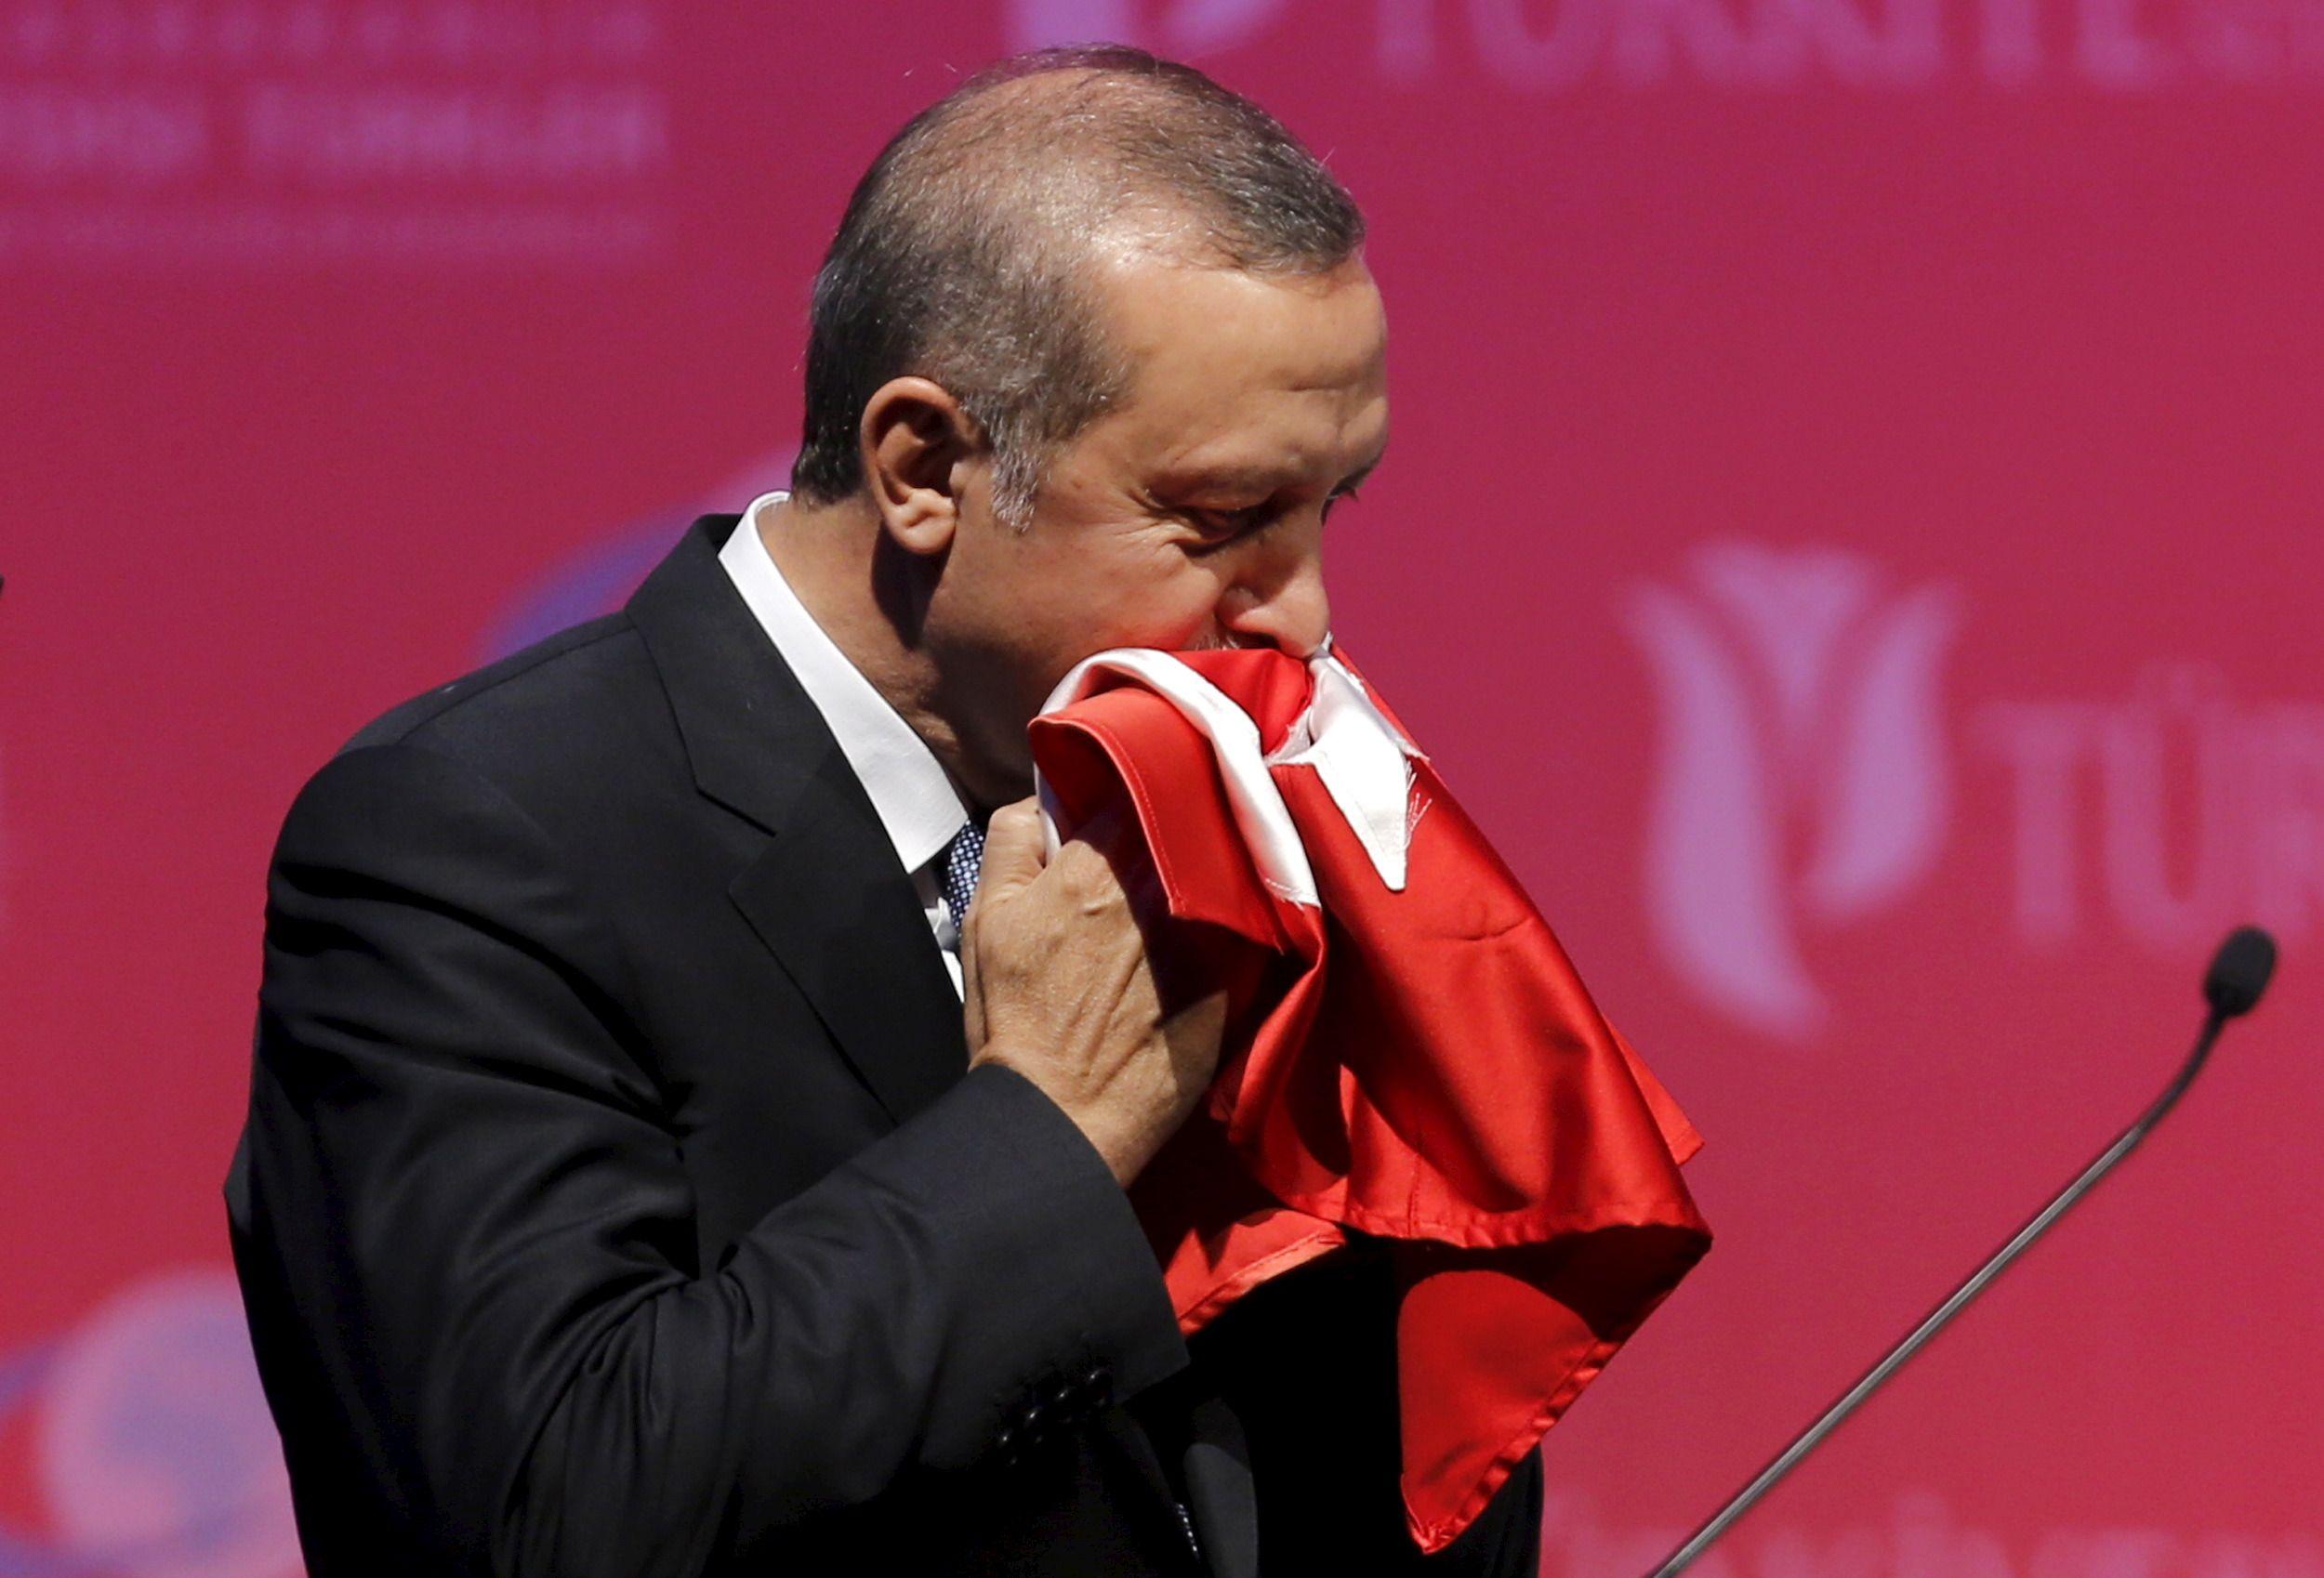 Mais quand l'Europe se rendra-t-elle compte qu'elle a un problème avec Erdogan au moins aussi grave qu'avec Bachar el-Assad?